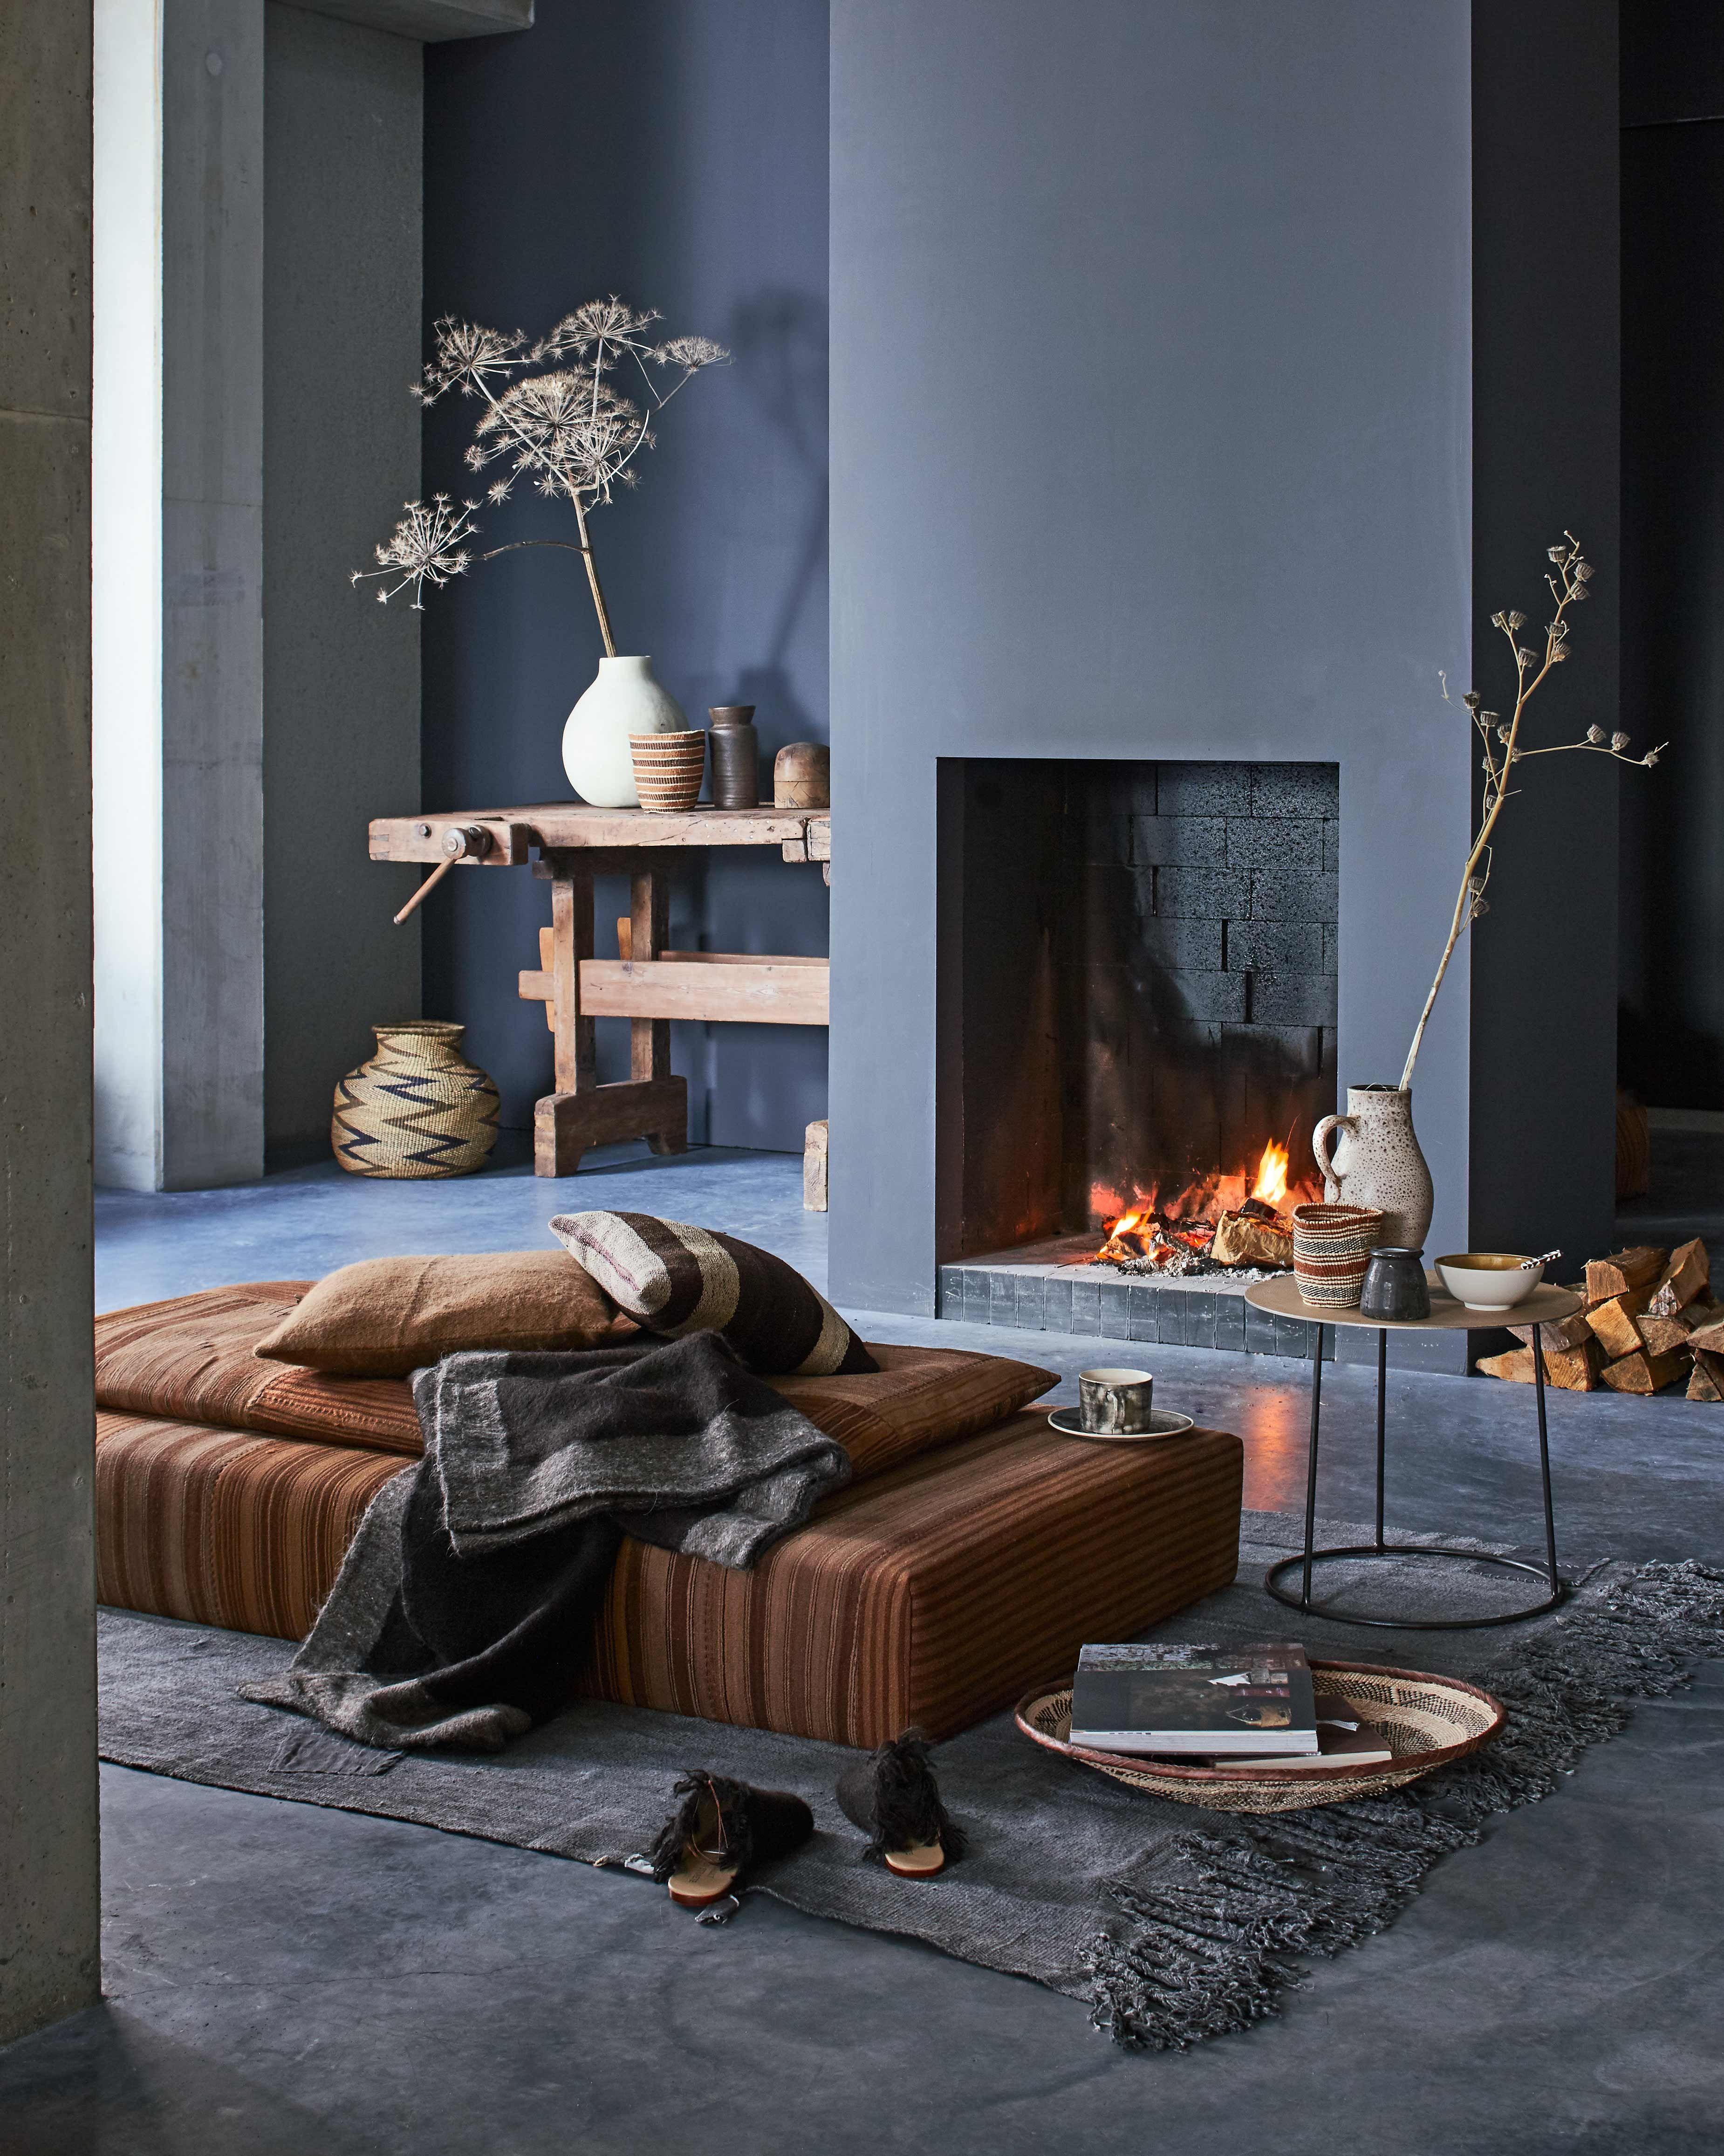 kamer met open haard | room with fireplace | vtwonen 01-2017 | Fotografie Jeroen van der Spek | Styling Cleo Scheulderman